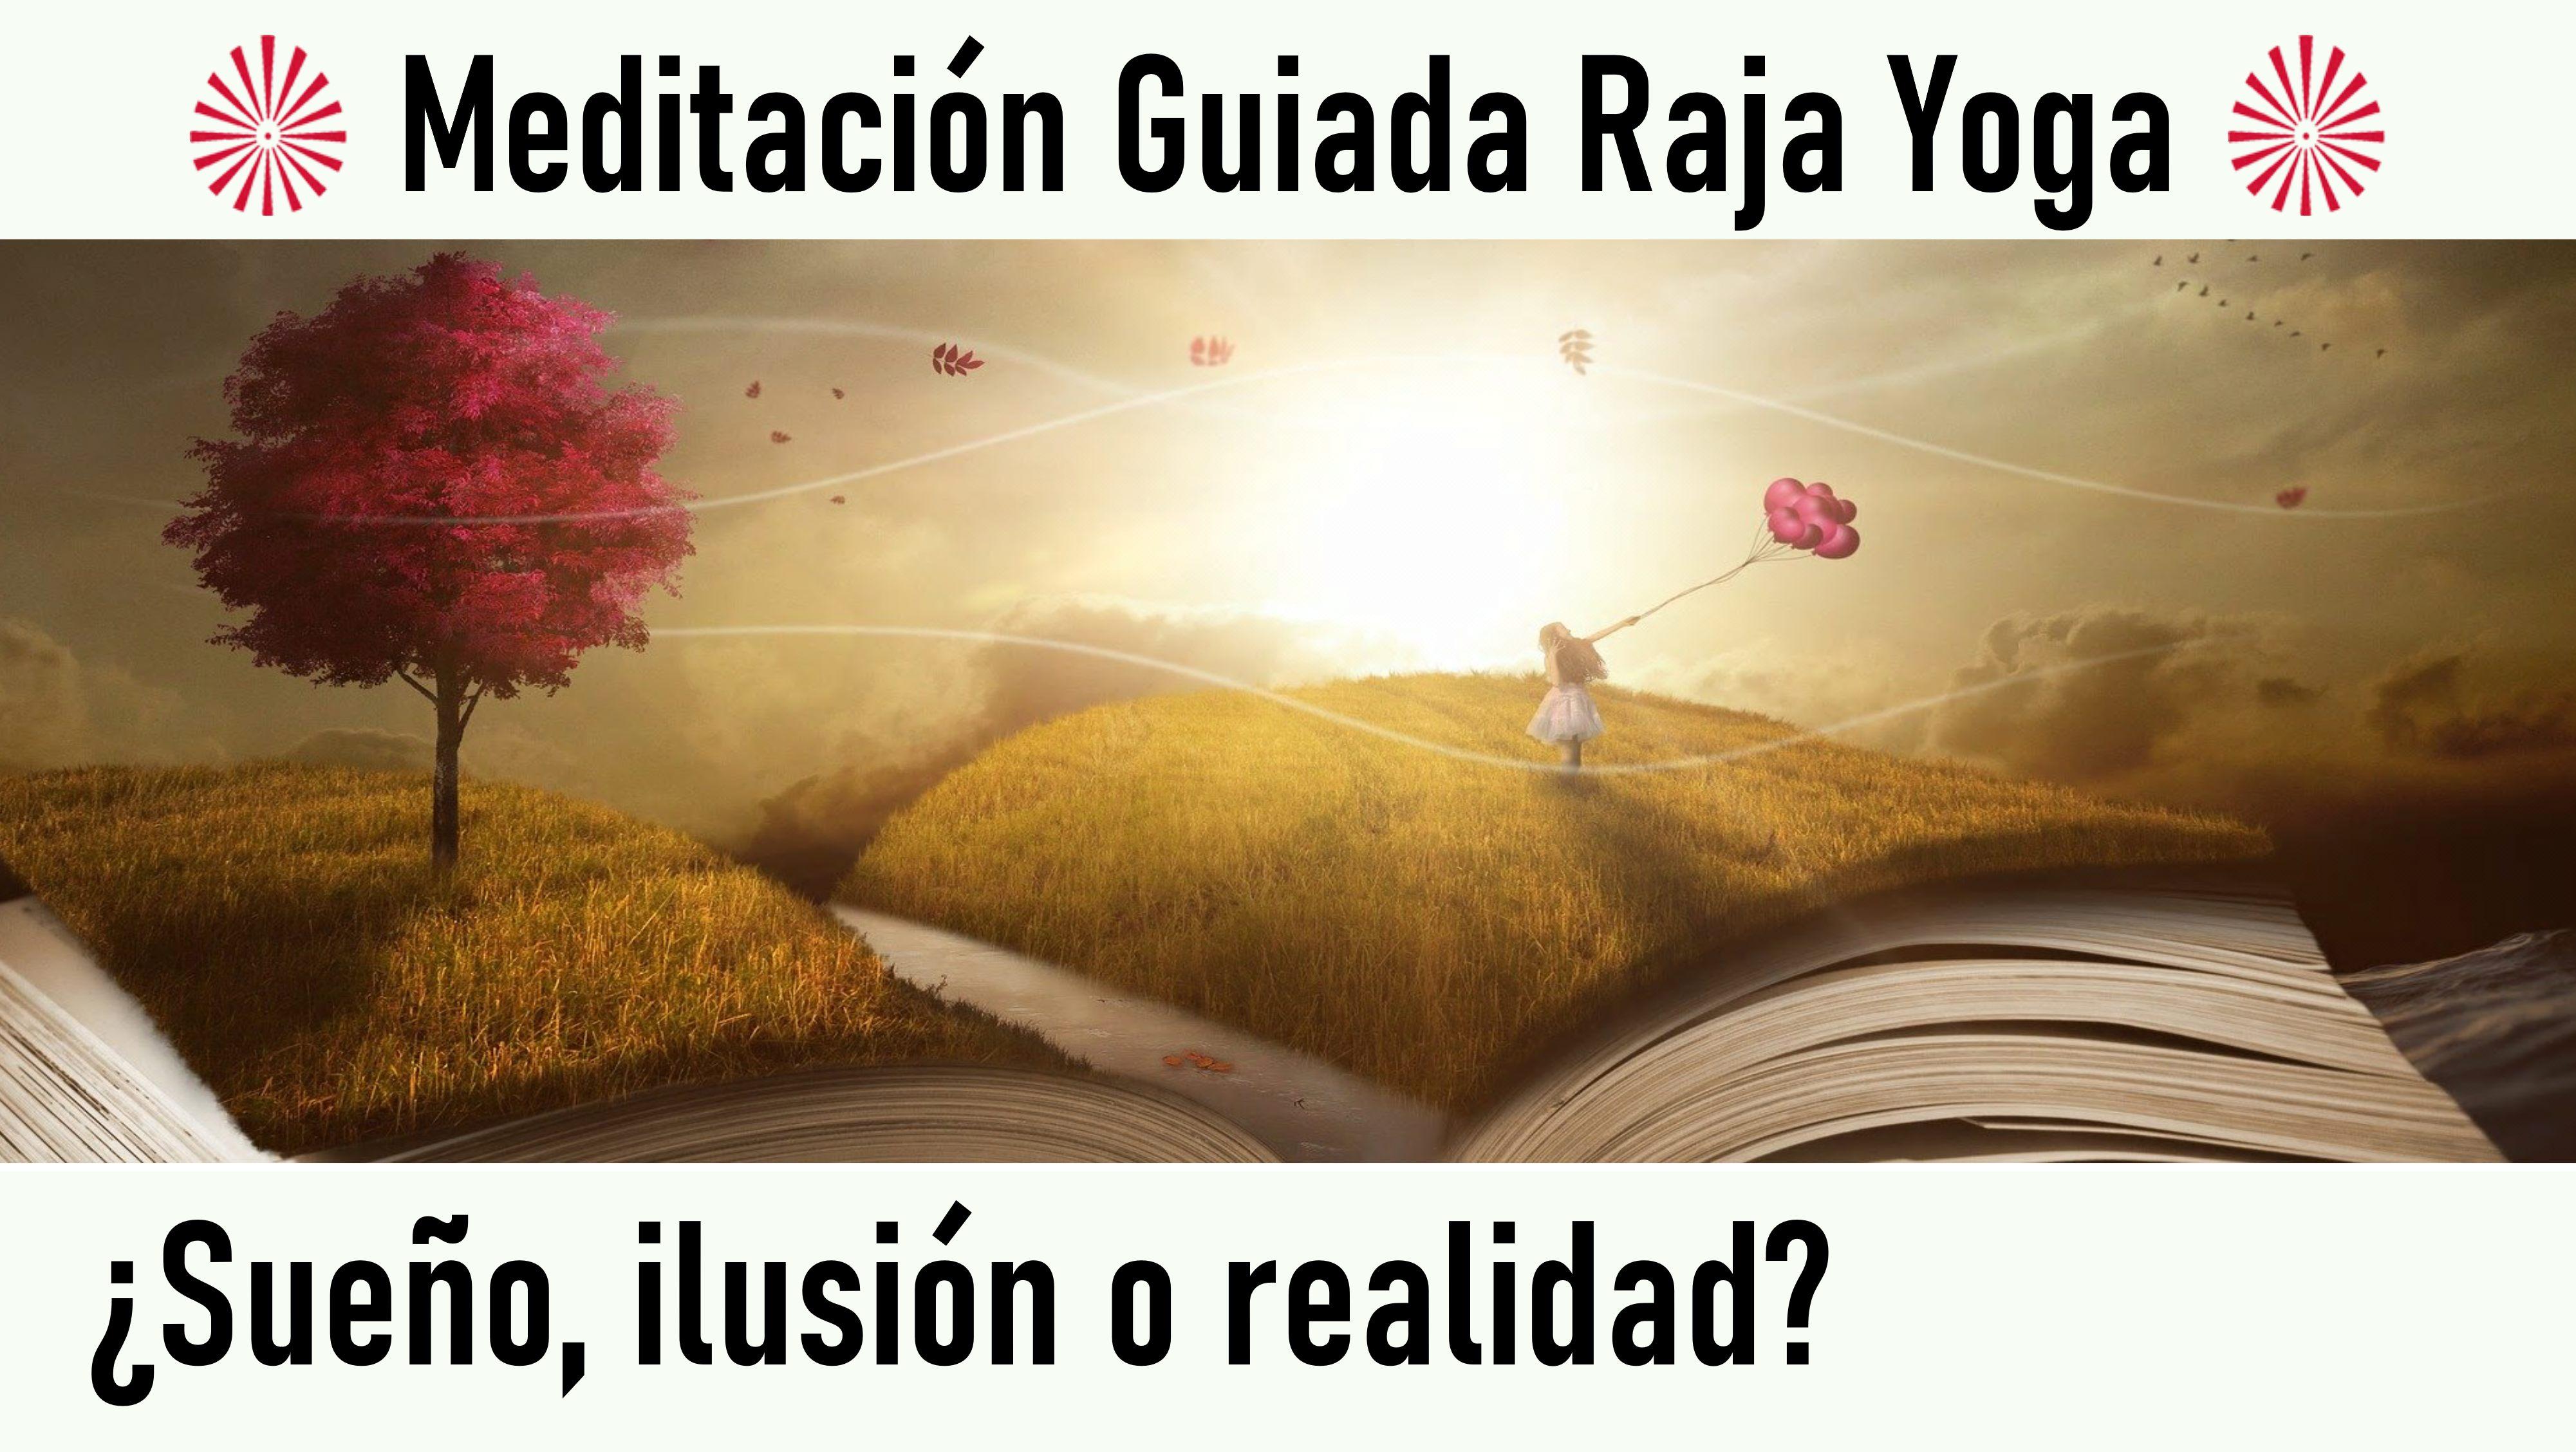 Meditación Raja Yoga: ¿Sueño, ilusión o realidad ? (4Julio 2020) On-line desde Valencia